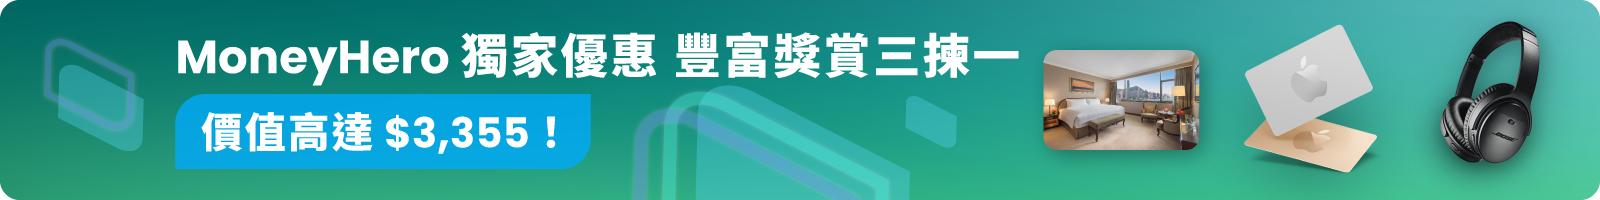 CC_CITI_CAMPAIGN_Jun_202106